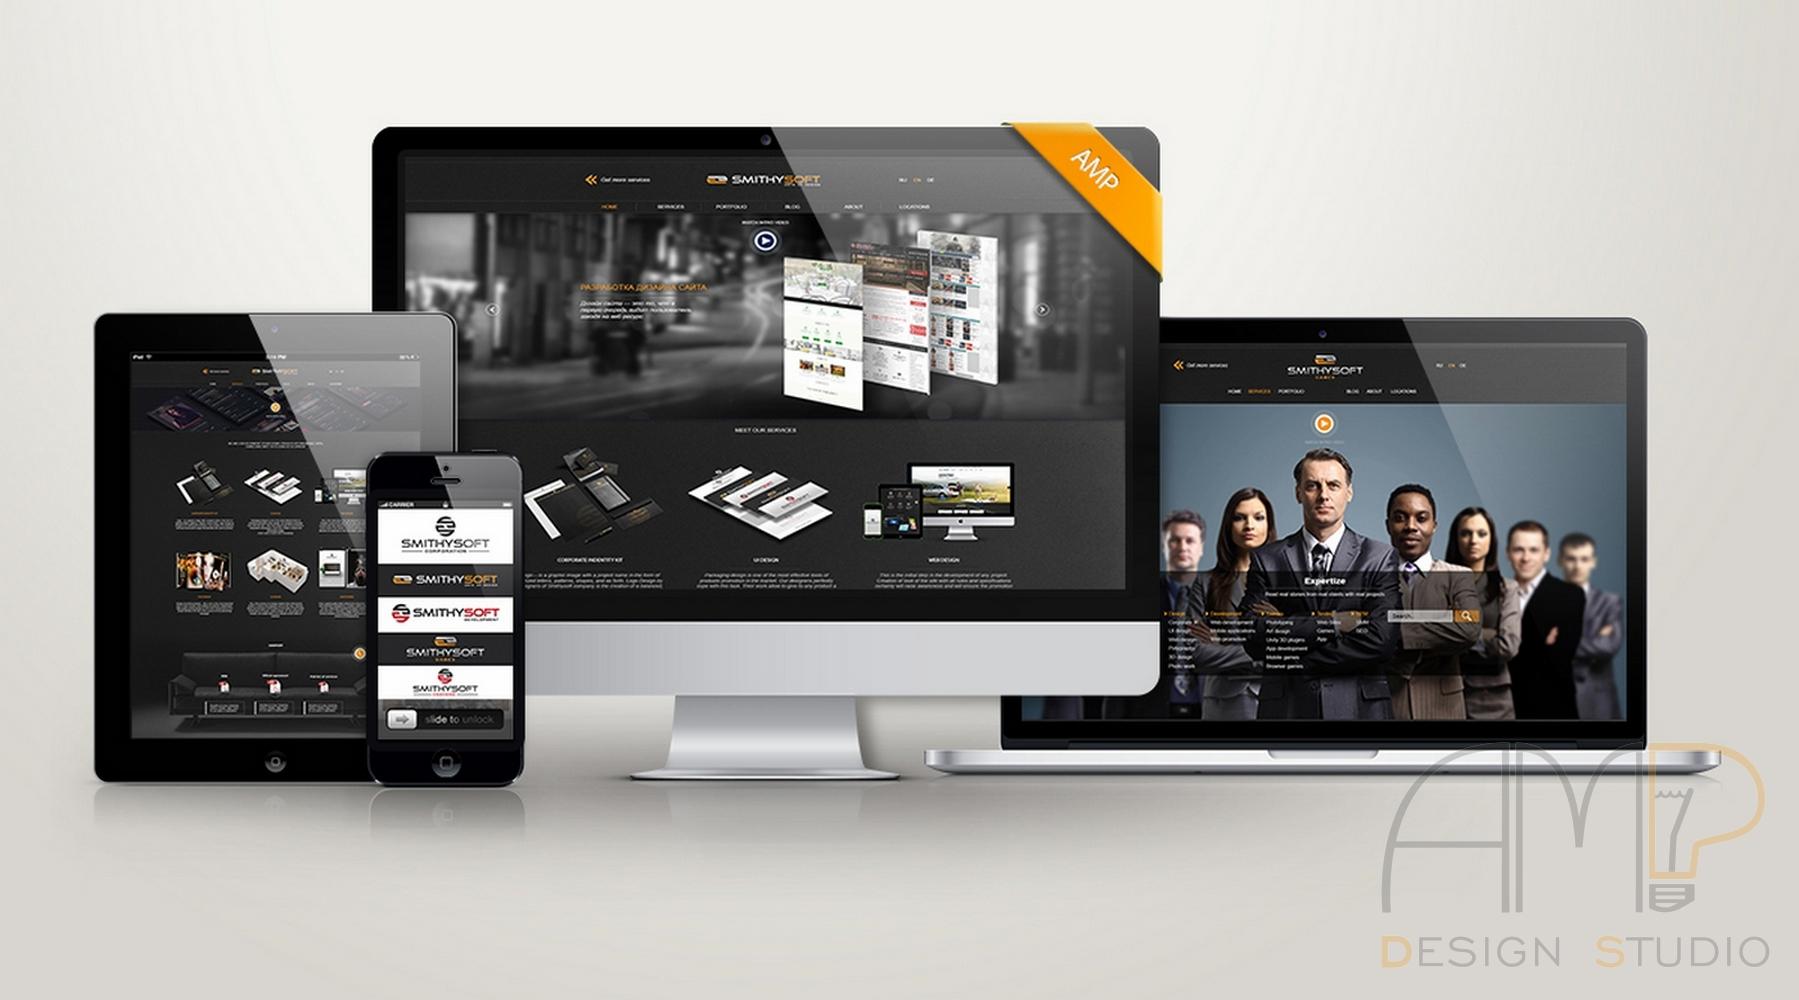 smithysoft-sajt